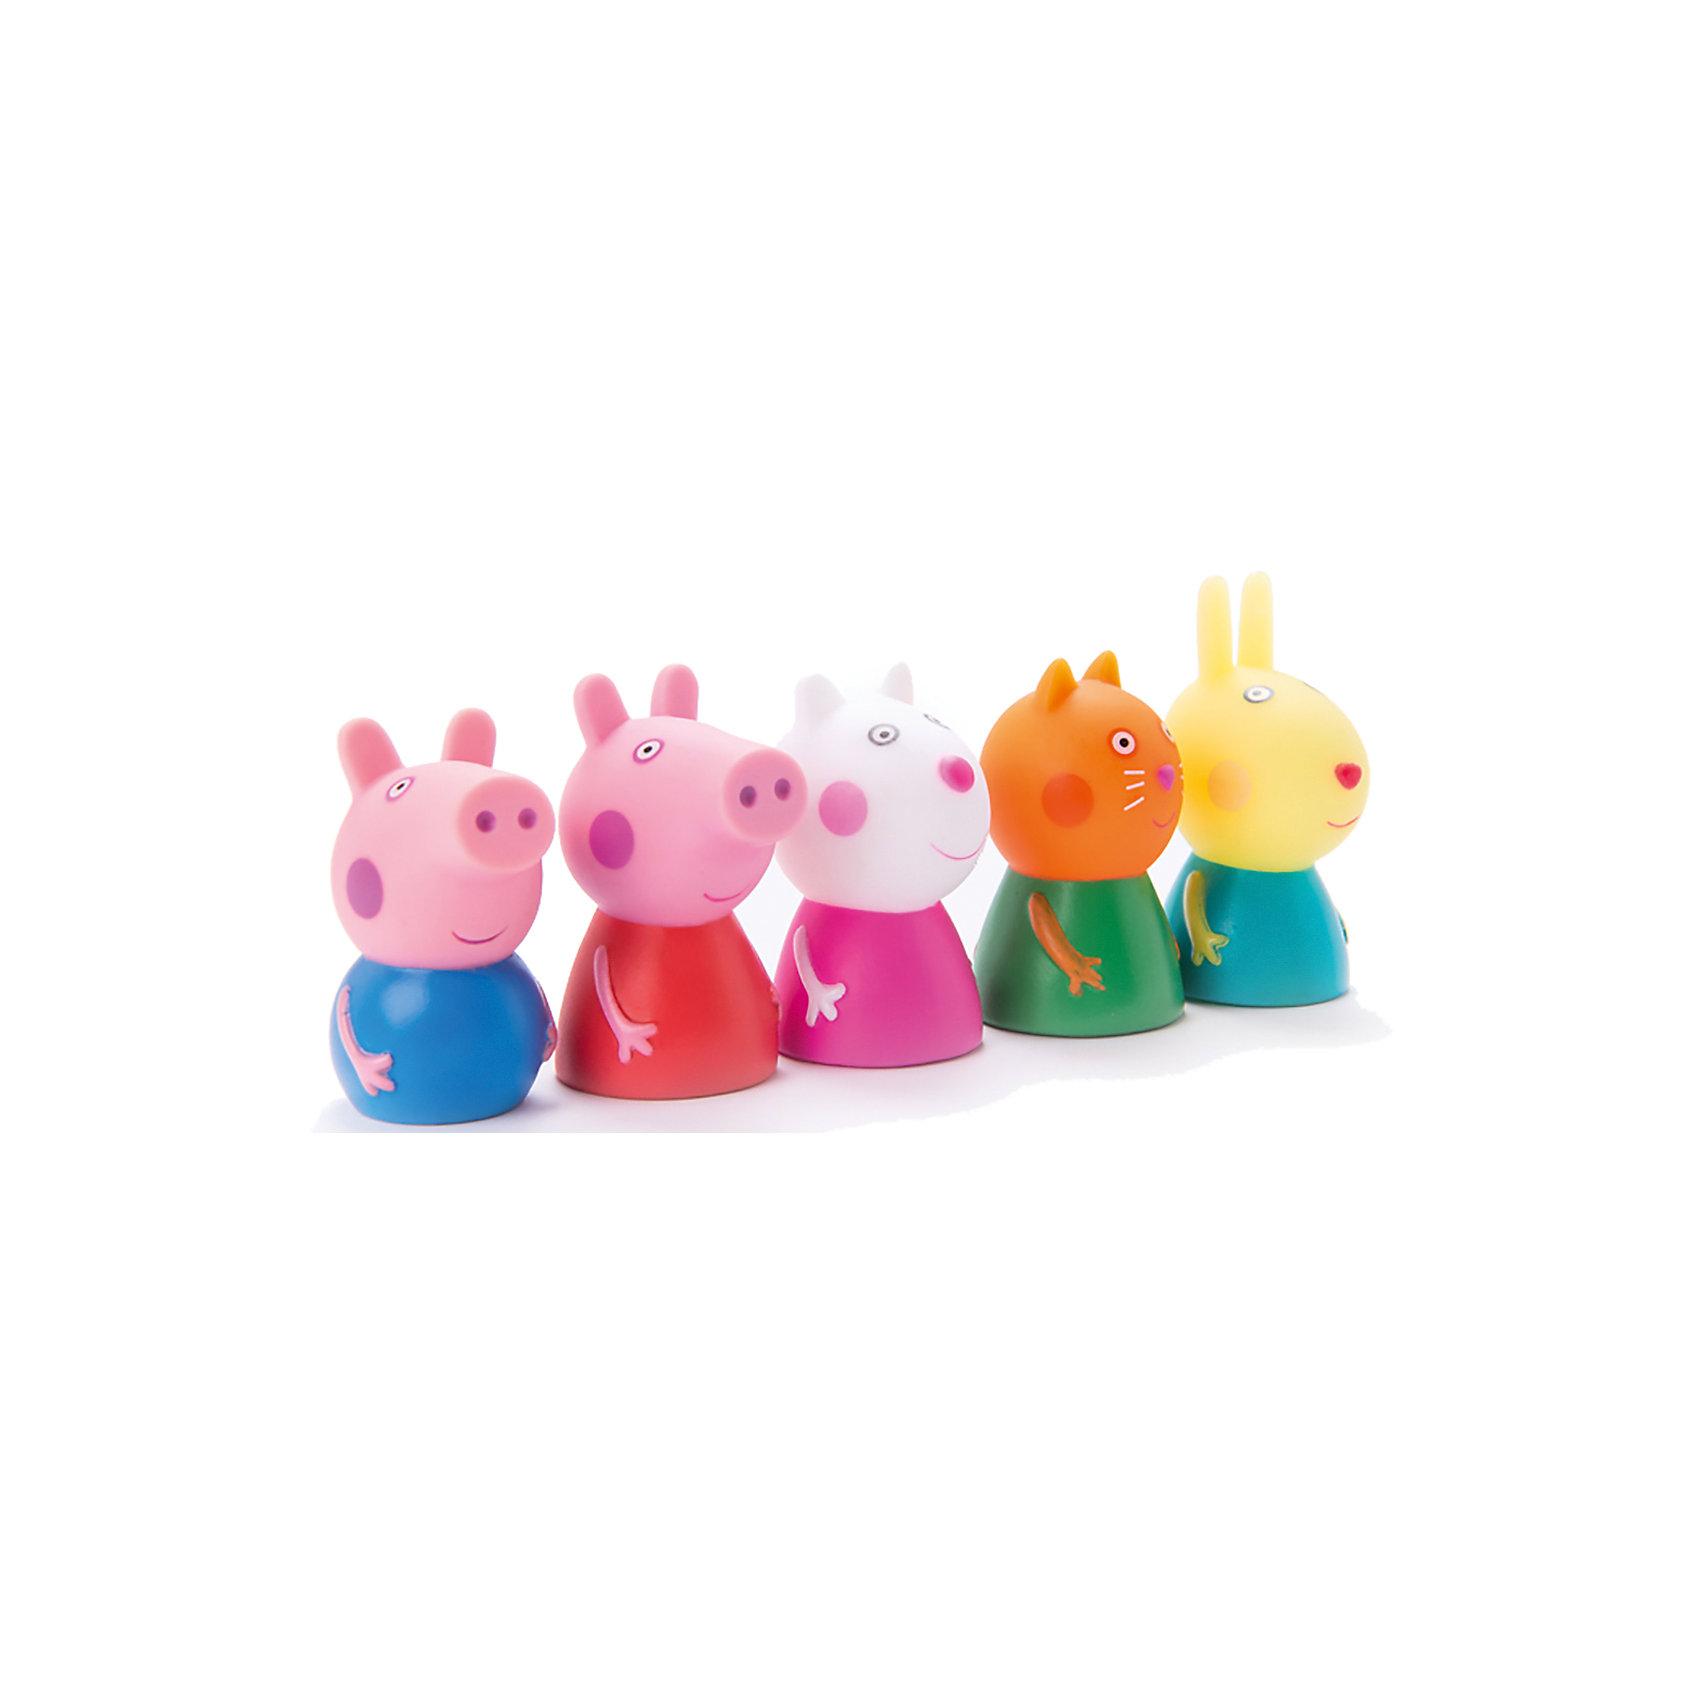 Пальчиковый театр 5 фигурок, Peppa PigКоллекционные и игровые фигурки<br>Пальчиковый театр, 5 фигурок, Peppa Pig (Свинка Пеппа). <br><br>Характеристика:<br><br>• Материал: пластик.<br>• Размер упаковки: 30х29х14 см. <br>• Высота фигурки: 5-6 см. <br>• 5 пальчиковых кукол в комплекте: Свинка Пеппа, Малыш Джордж, Котенок Кенди, Овечка Сьюзи и Кролик Ребекка. <br>• Помогает развить моторику рук, воображение и фантазию. <br><br>Хочешь не только смотреть мультфильмы Peppa Pig, но и поучаствовать в представлении с участием любимых героев? Тогда этот набор специально для тебя! С помощью пяти пальчиковых фигурок ваш малыш сможет разыграть понравившиеся сцены из мультфильма или придумать свои захватывающие сюжеты.<br><br>Пальчиковый театр, 5 фигурок, Peppa Pig (Свинка Пеппа) можно купить в нашем интернет-магазине.<br><br>Ширина мм: 215<br>Глубина мм: 180<br>Высота мм: 8<br>Вес г: 90<br>Возраст от месяцев: 36<br>Возраст до месяцев: 2147483647<br>Пол: Унисекс<br>Возраст: Детский<br>SKU: 5211688